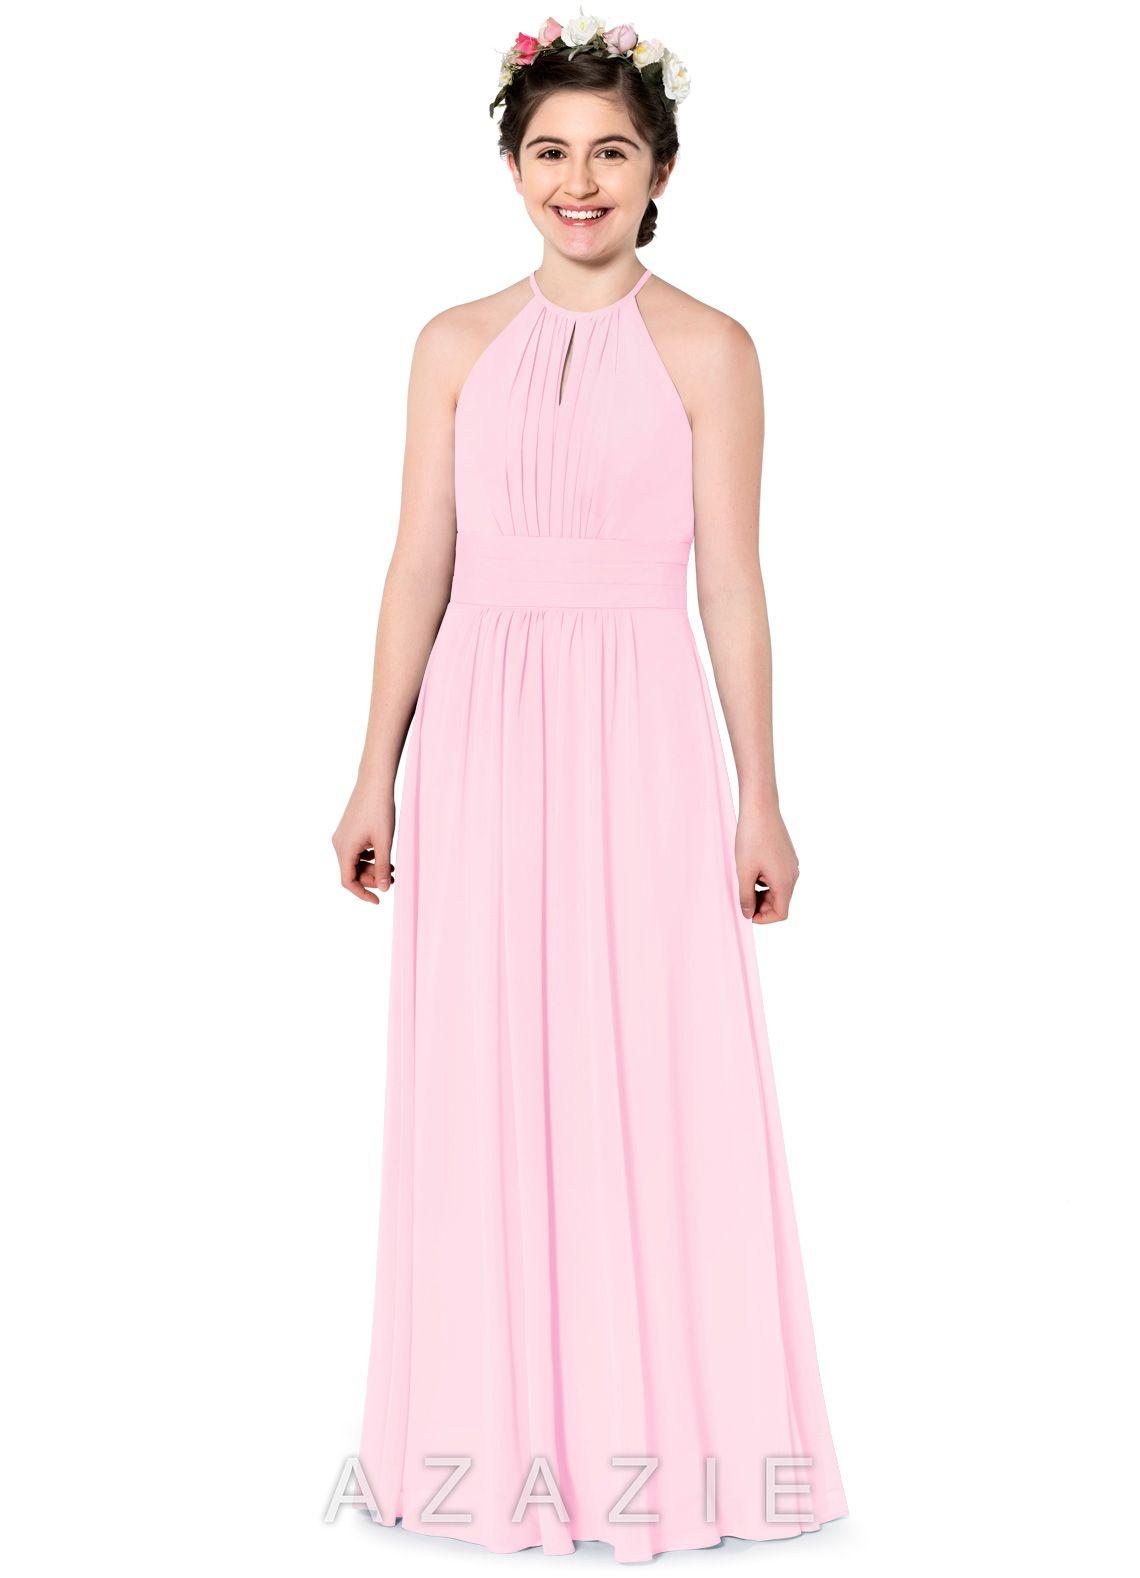 46b0d381935 Azazie Bonnie JBD Junior Bridesmaid Dress